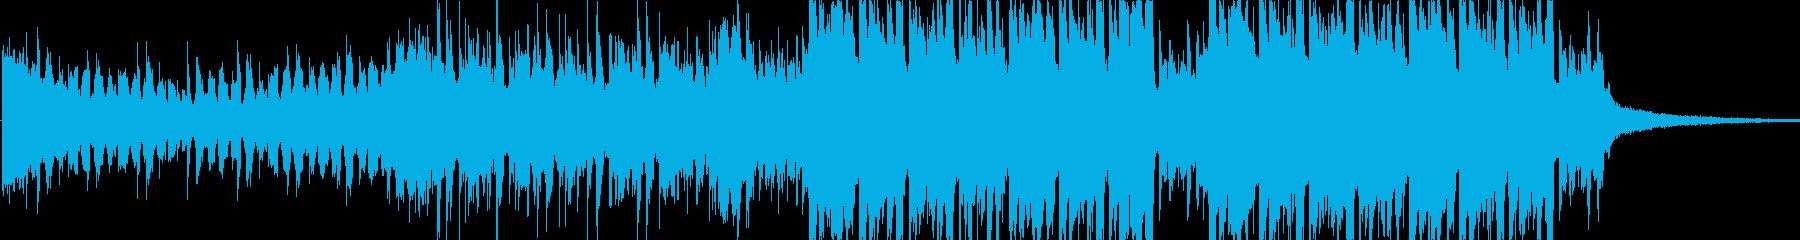 シンプルで派手な和風EDMの再生済みの波形